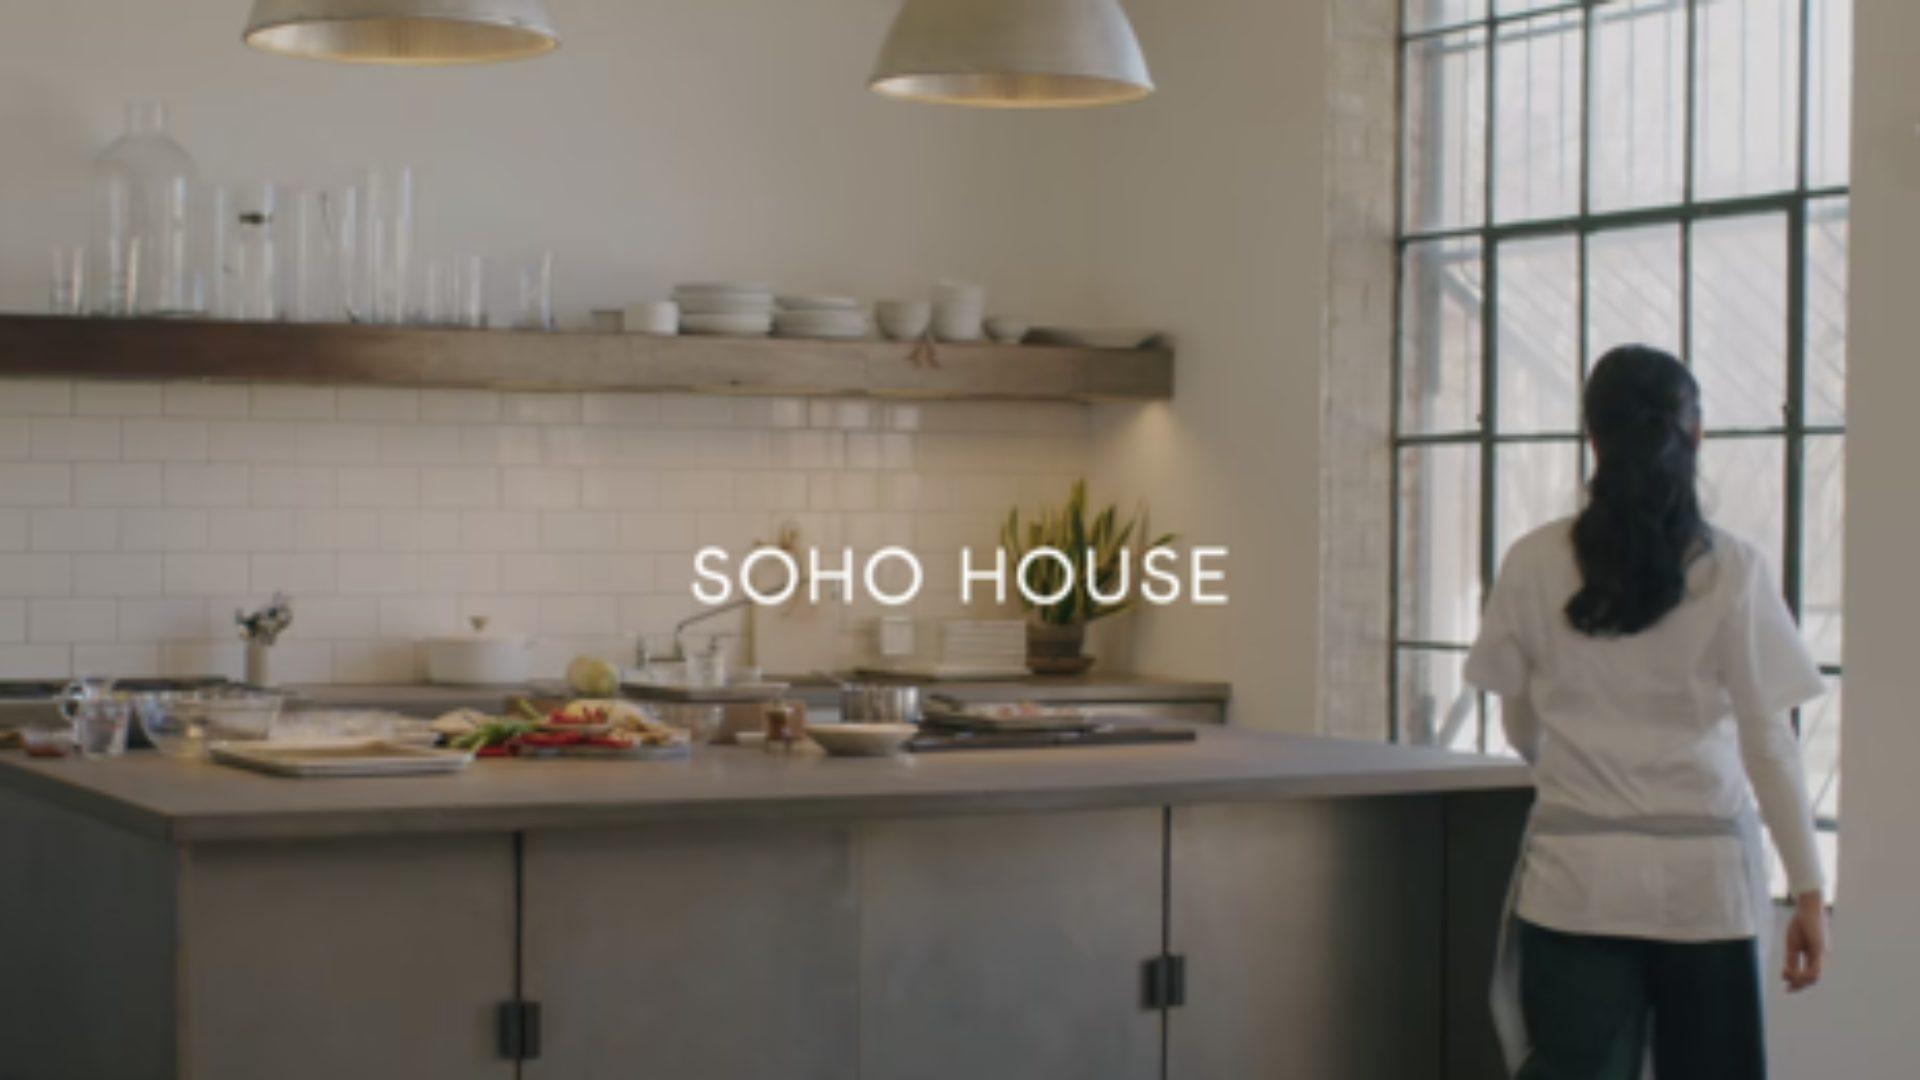 SOHO HOUSE x CHEF JUDY JOO   SOHO HOUSE